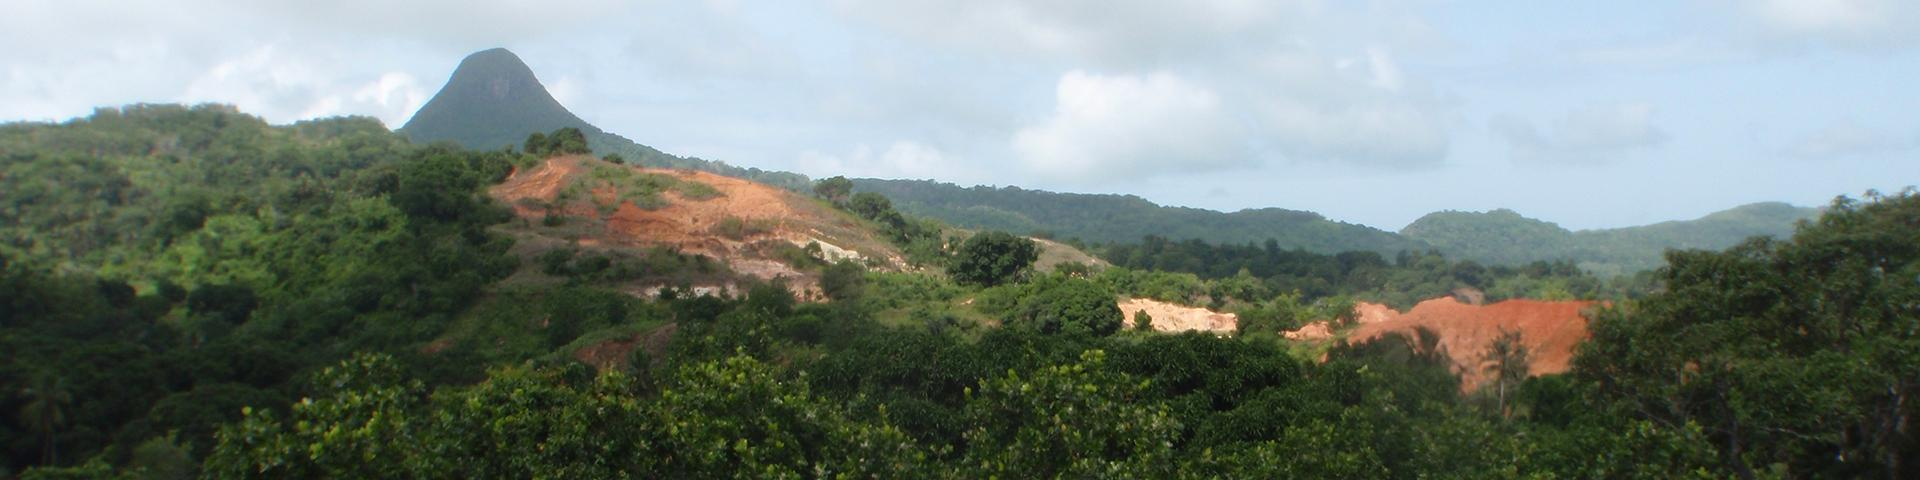 Ancienne carrière artisanale d'argile, Mayotte